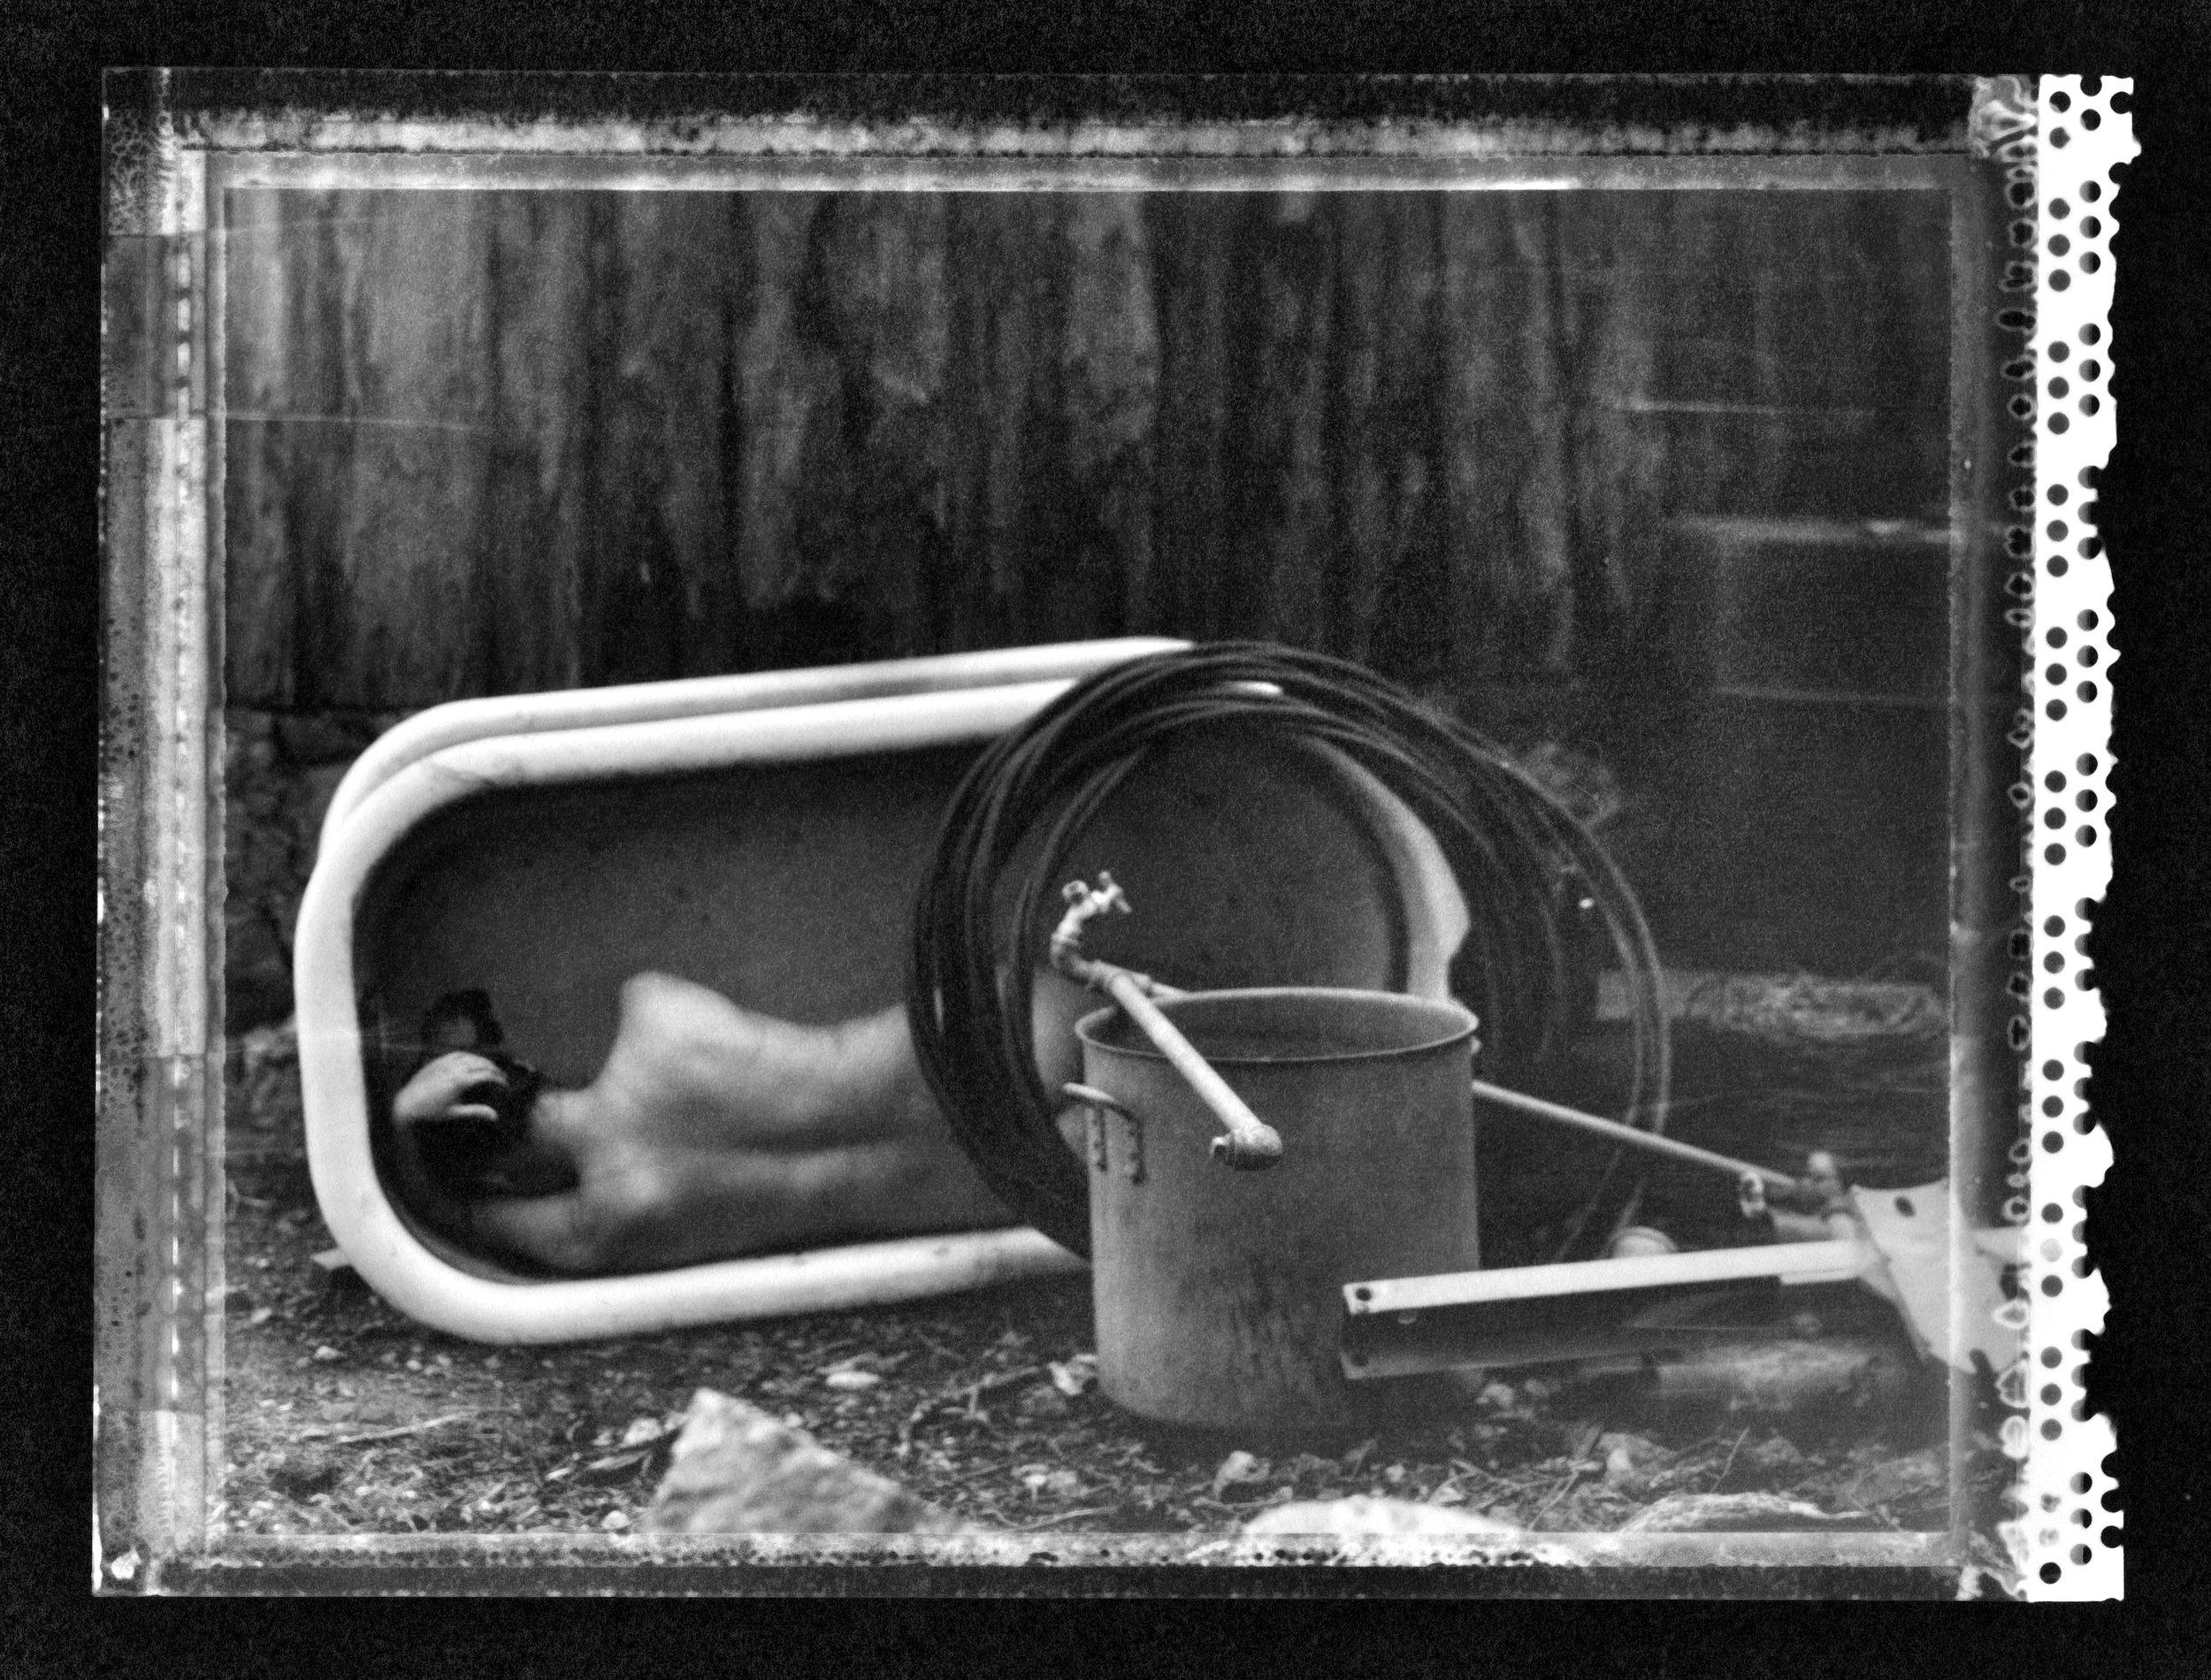 The Bathtubs, 2010